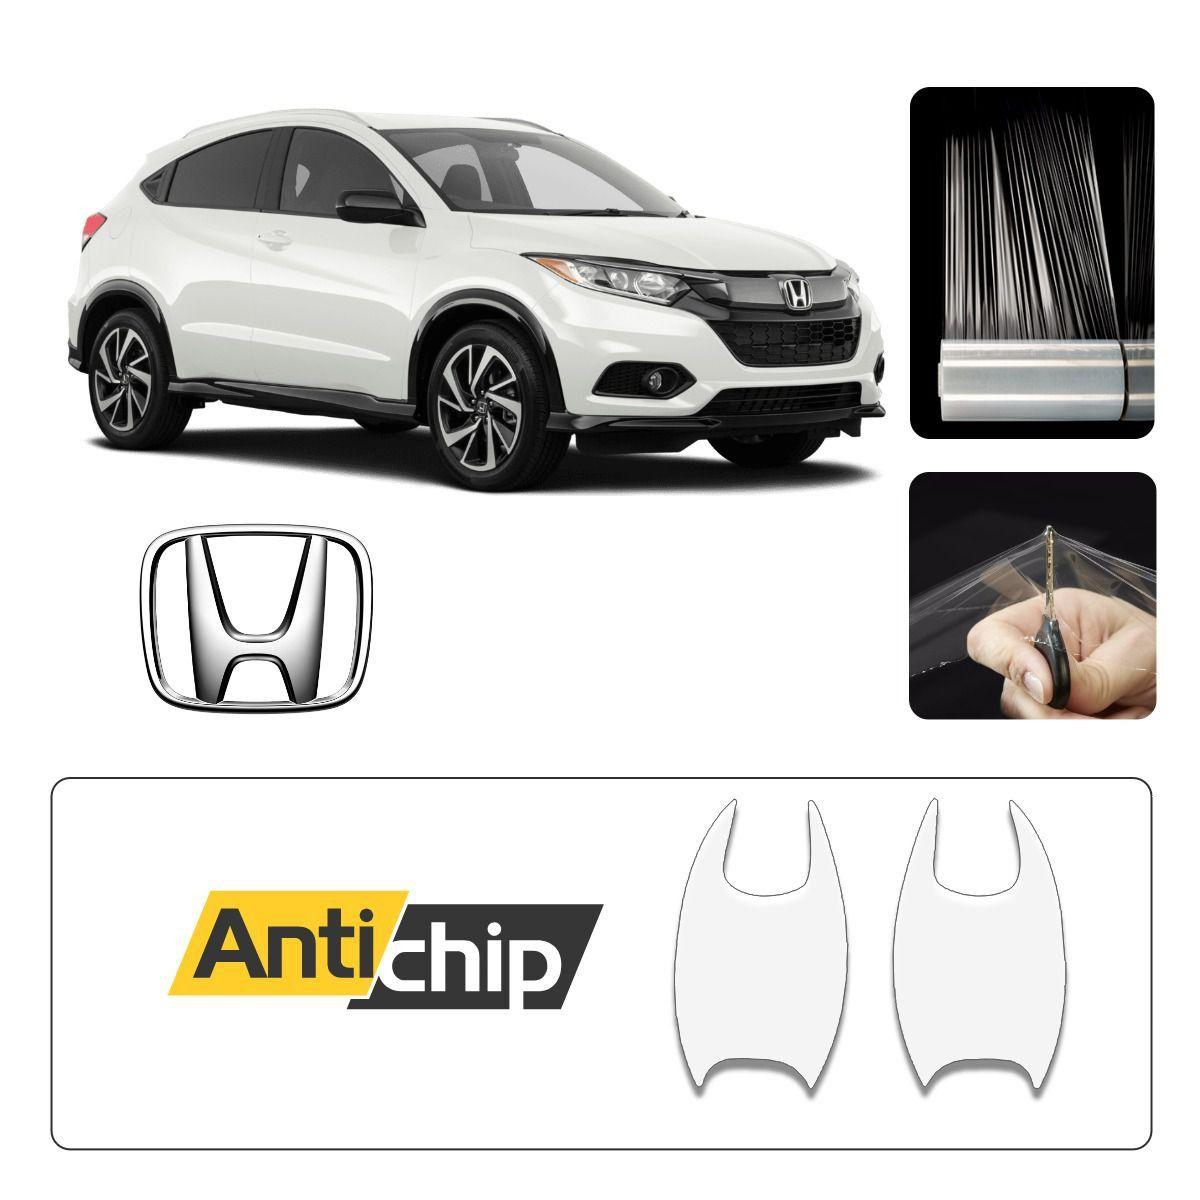 Kit Proteção Maçaneta + Soleira + Canto Porta Honda HRV - Antichip